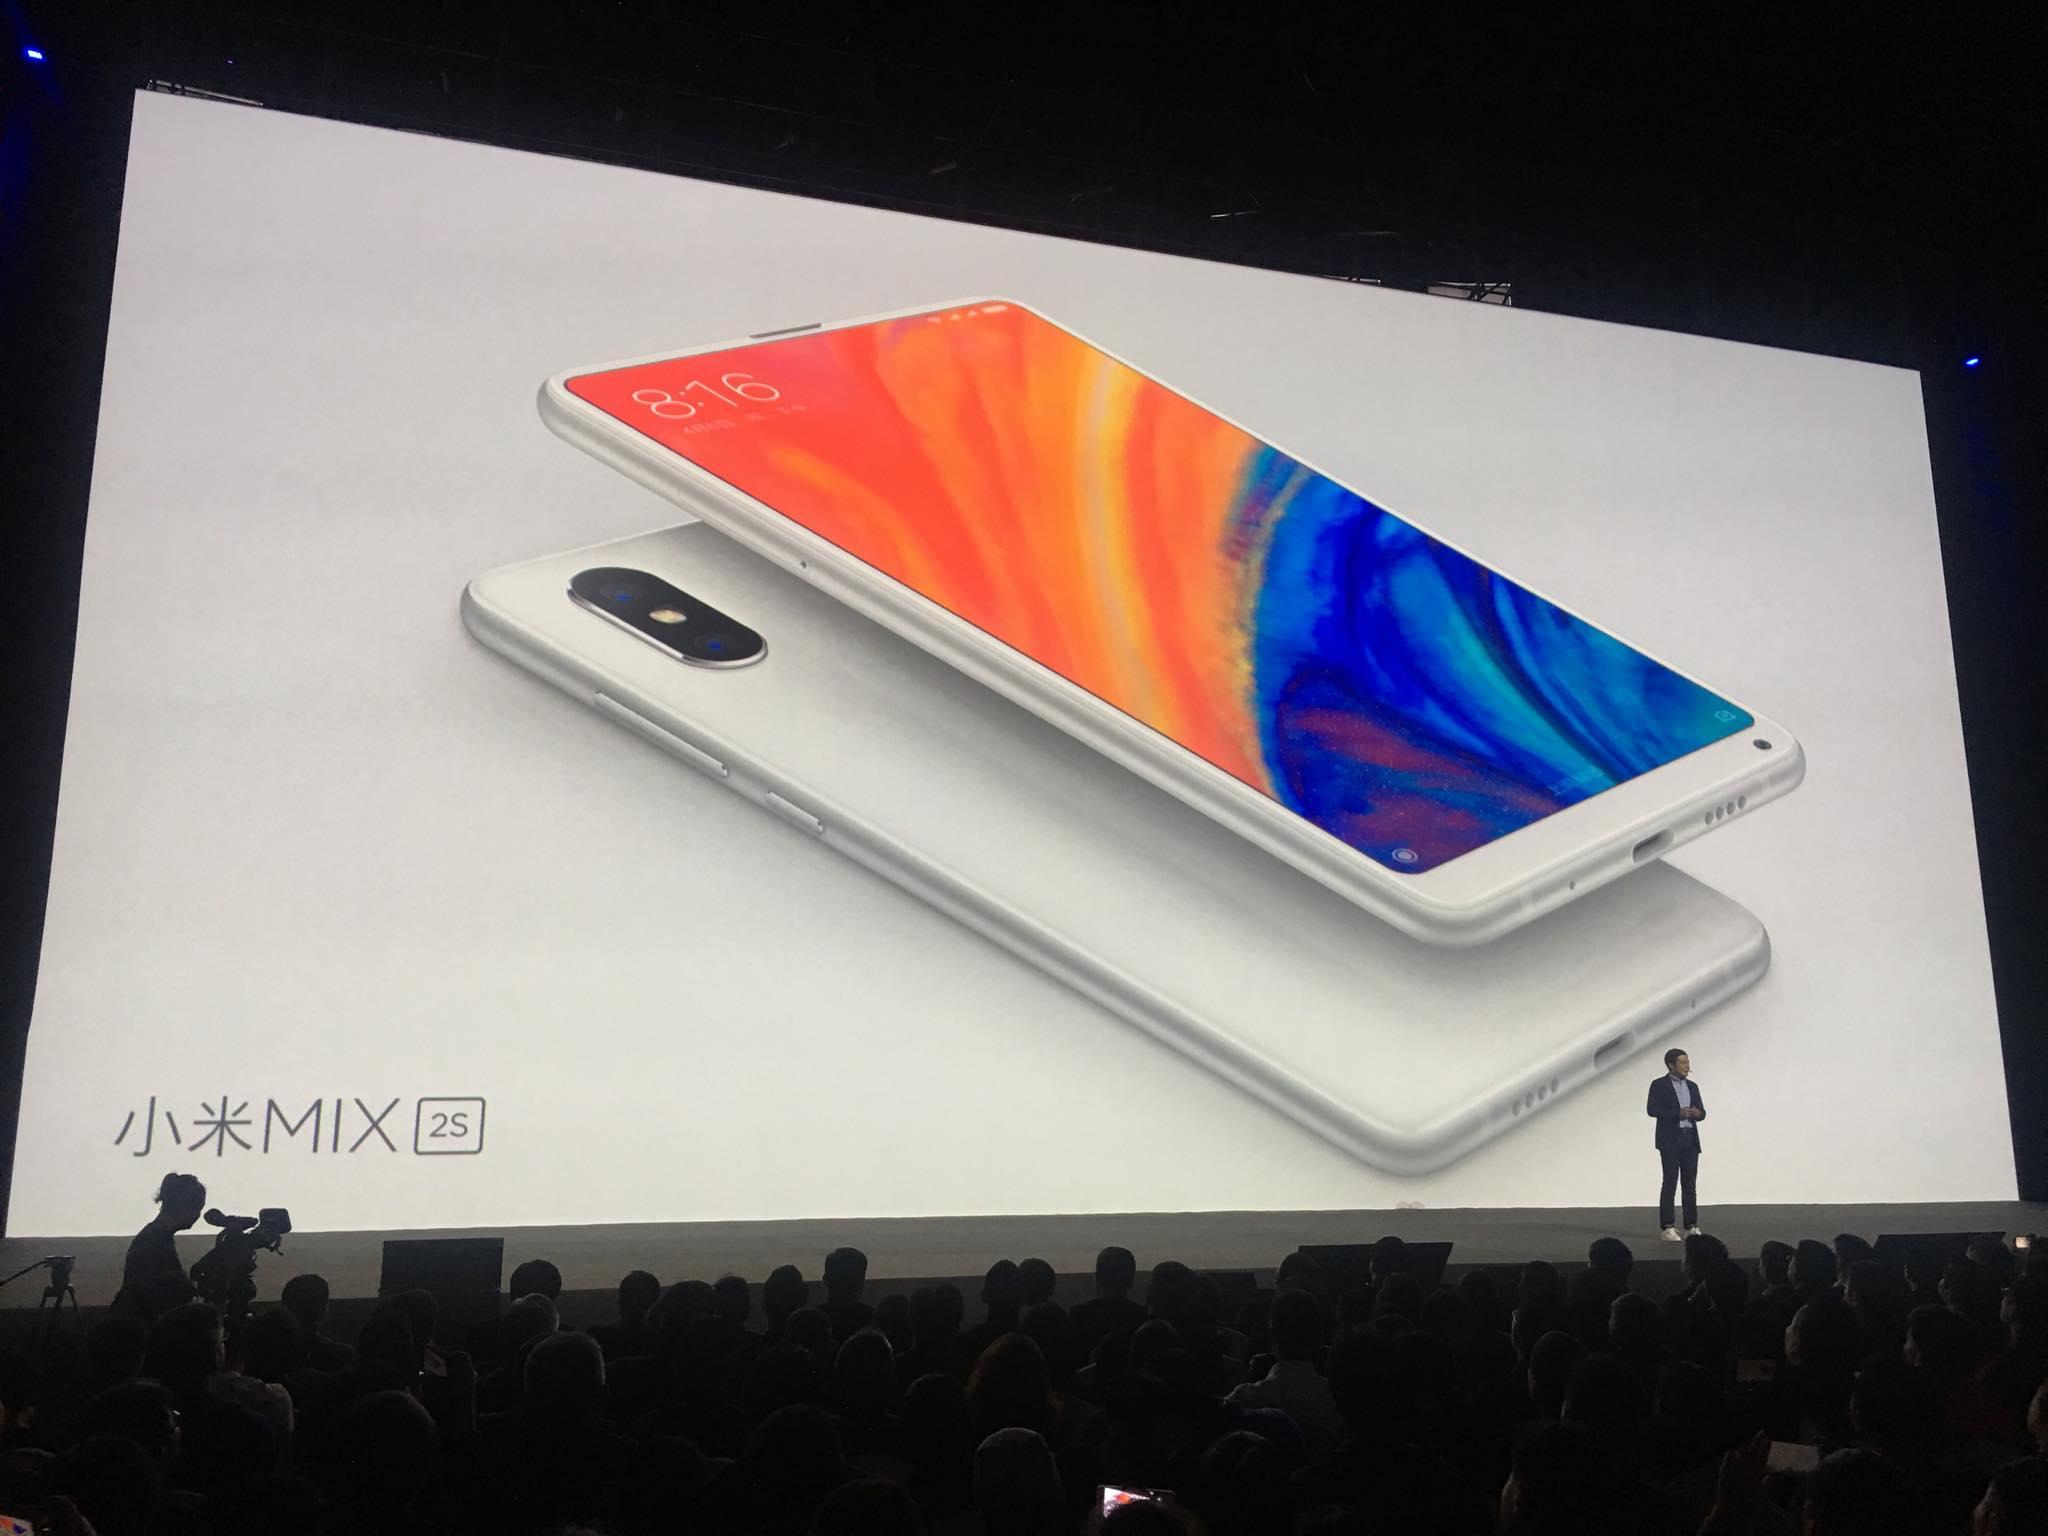 To jeden z najbardziej oczekiwanych flagowc³w roku Na rynku zadebiutował Xiaomi Mi Mix 2s WP Tech